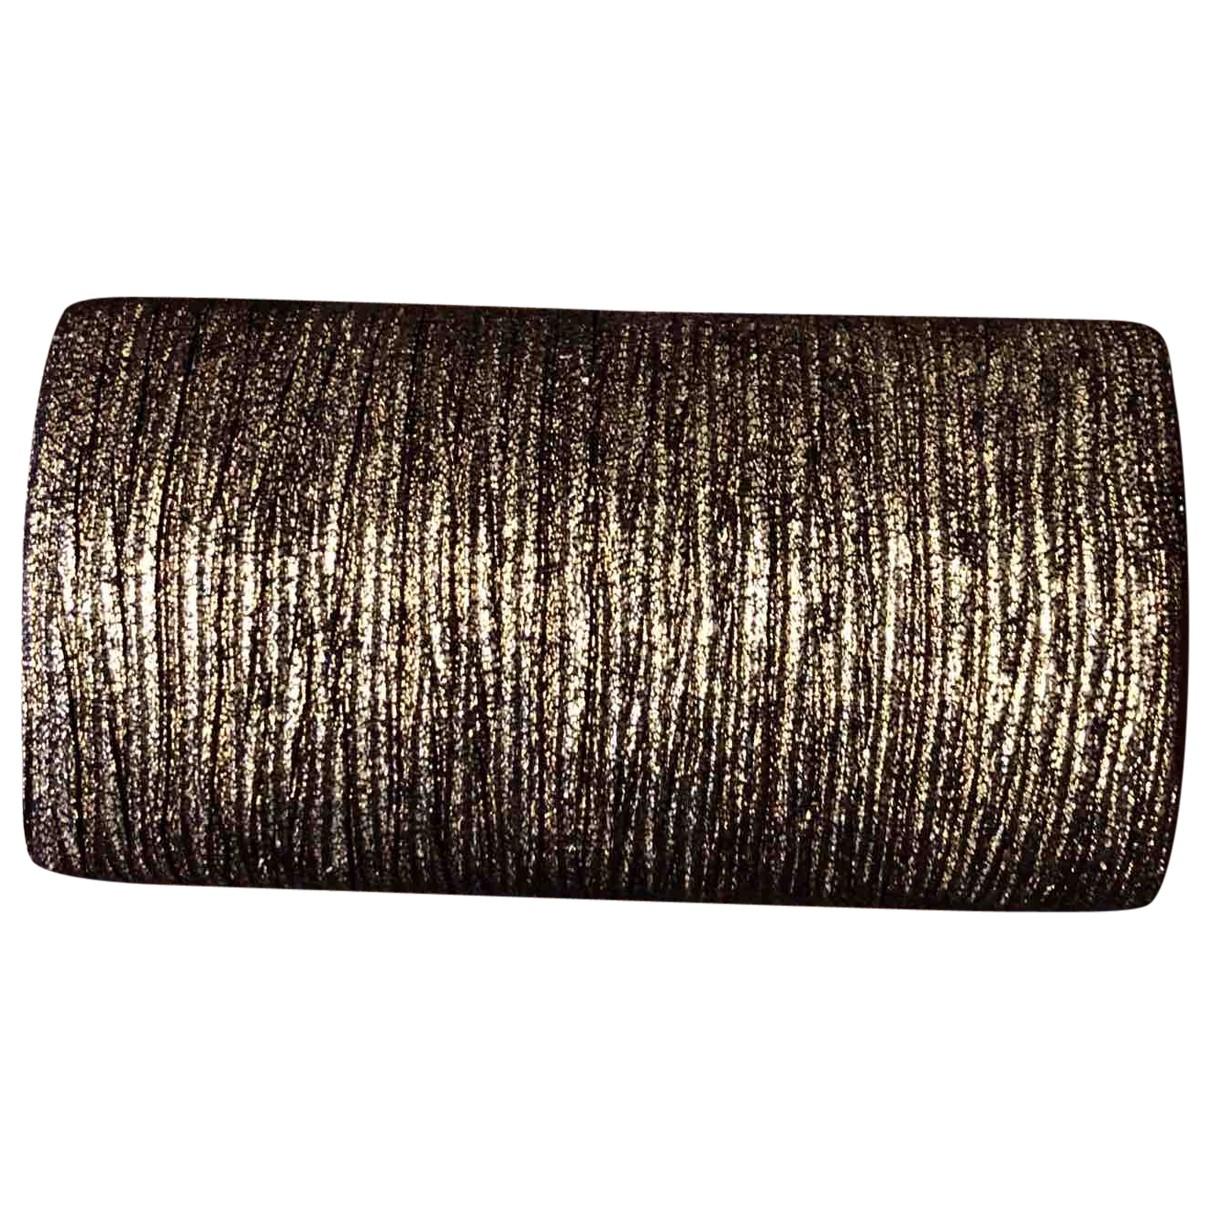 Marella \N Gold Clutch bag for Women \N